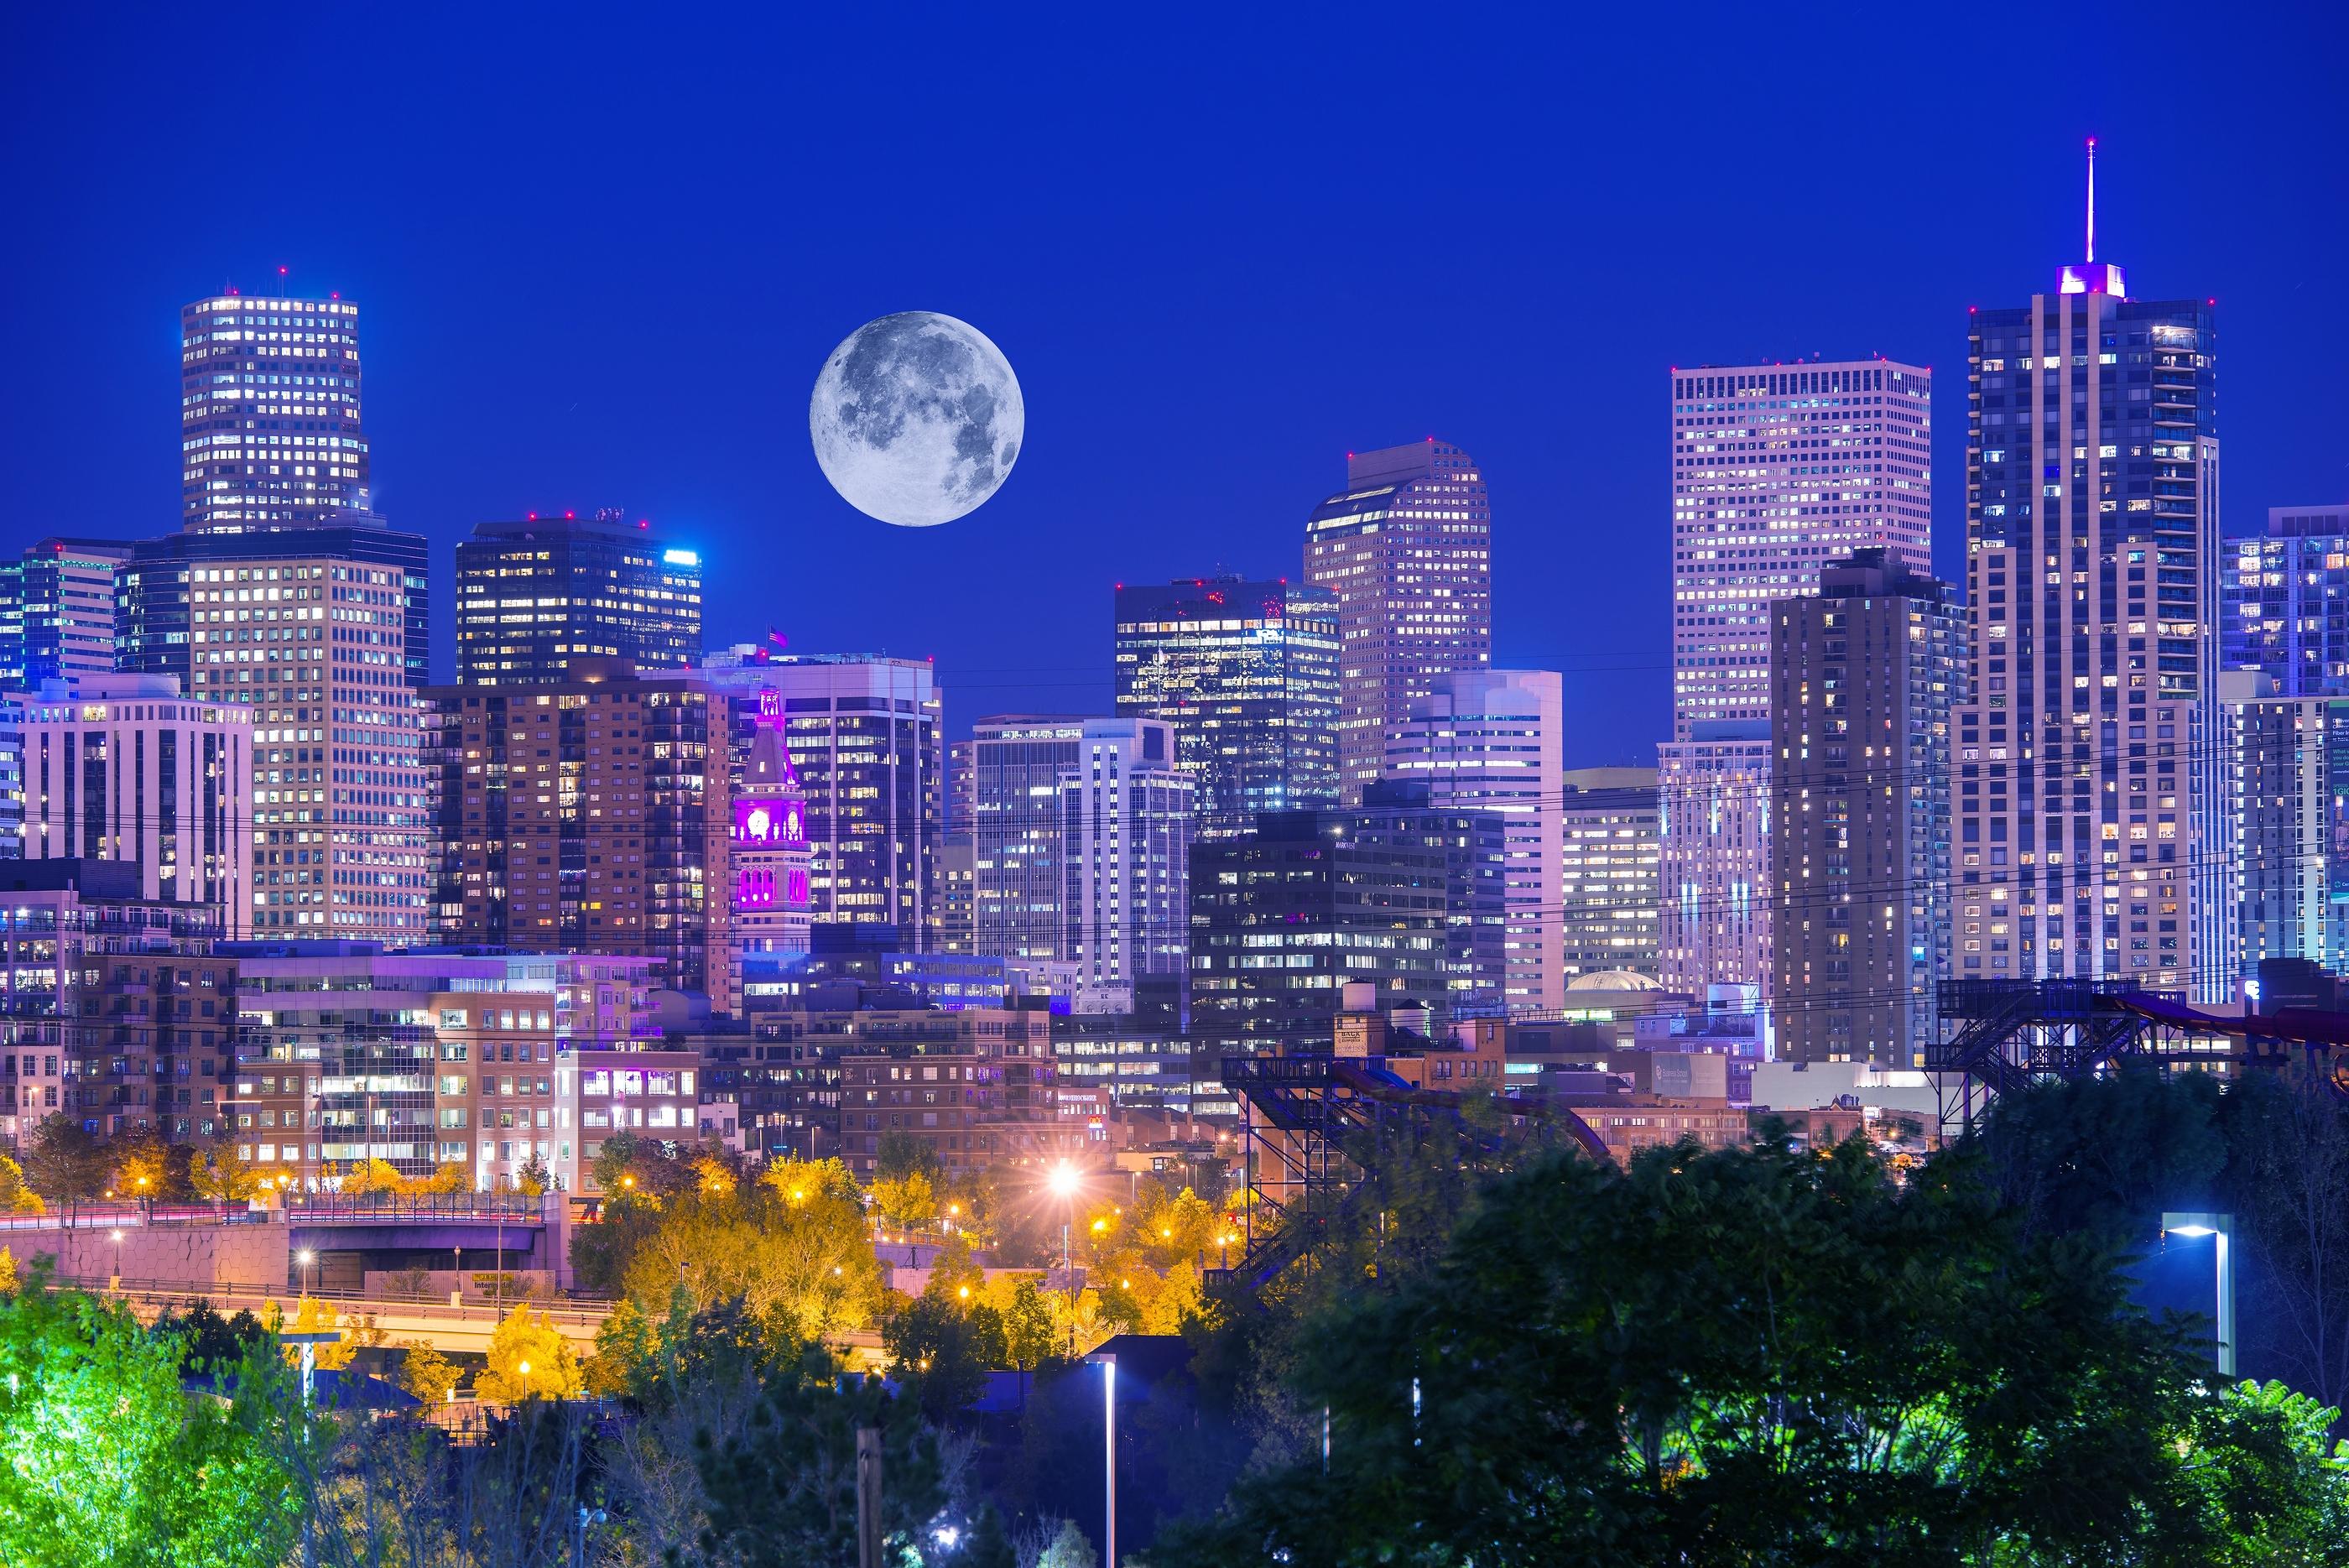 Denver Colorado At Night.jpg